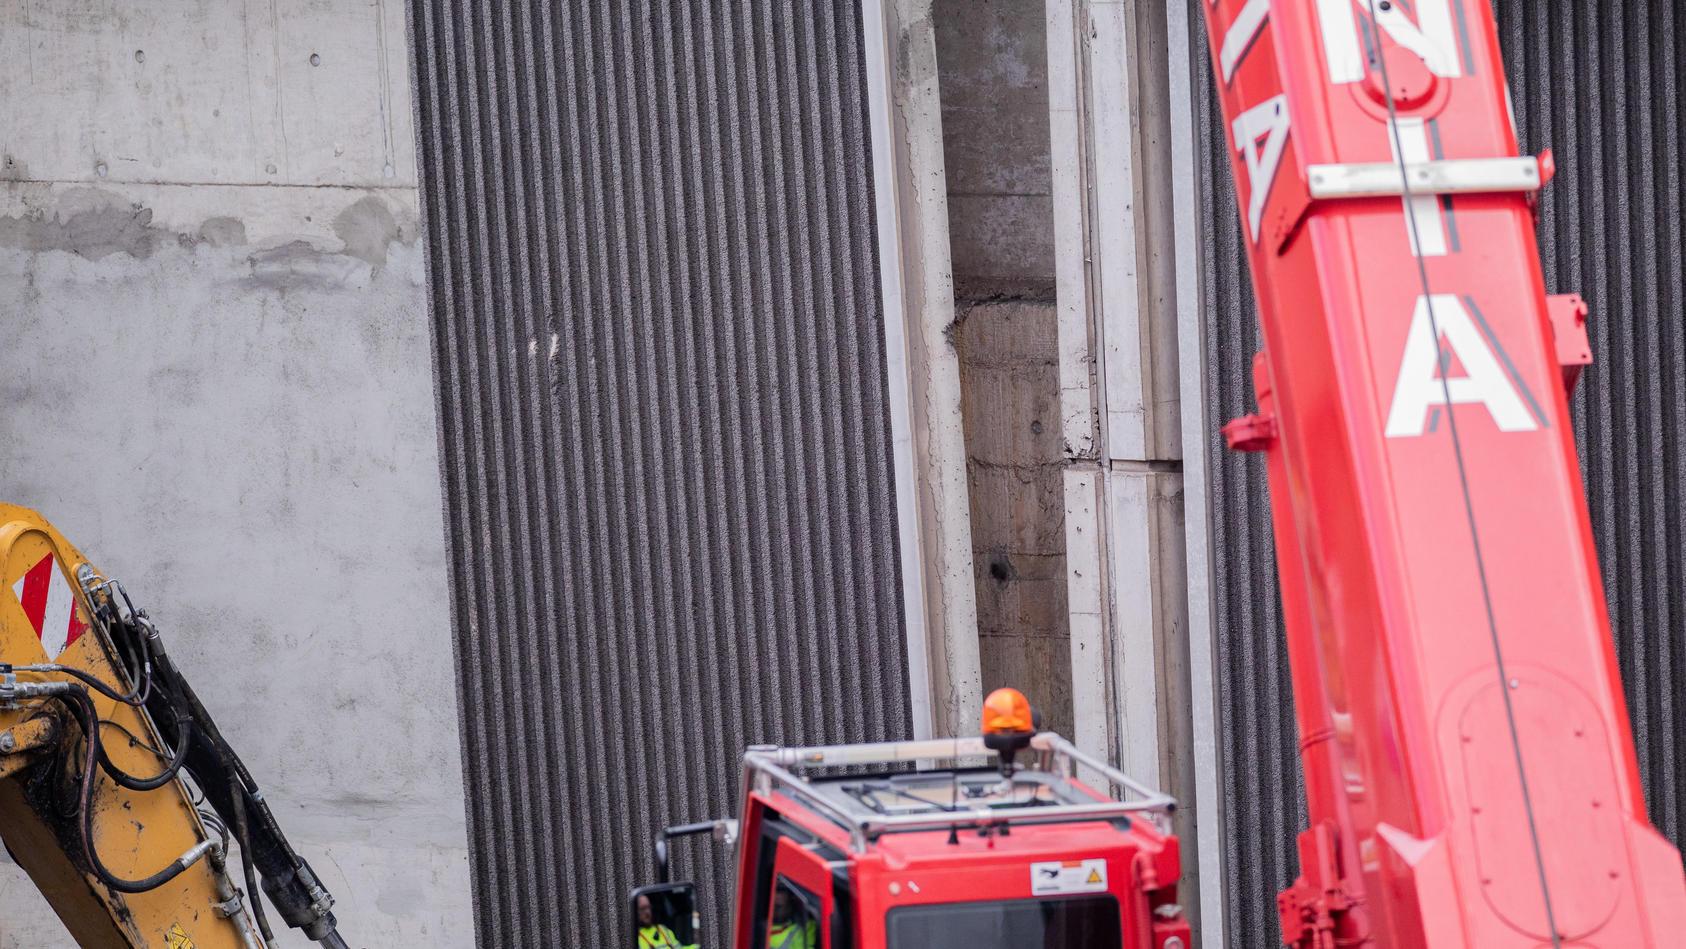 In nächster Zeit sollen Lärmschutzwände an 25 Straßenabschnitte in Nordrhein-Westfalen untersucht werden.